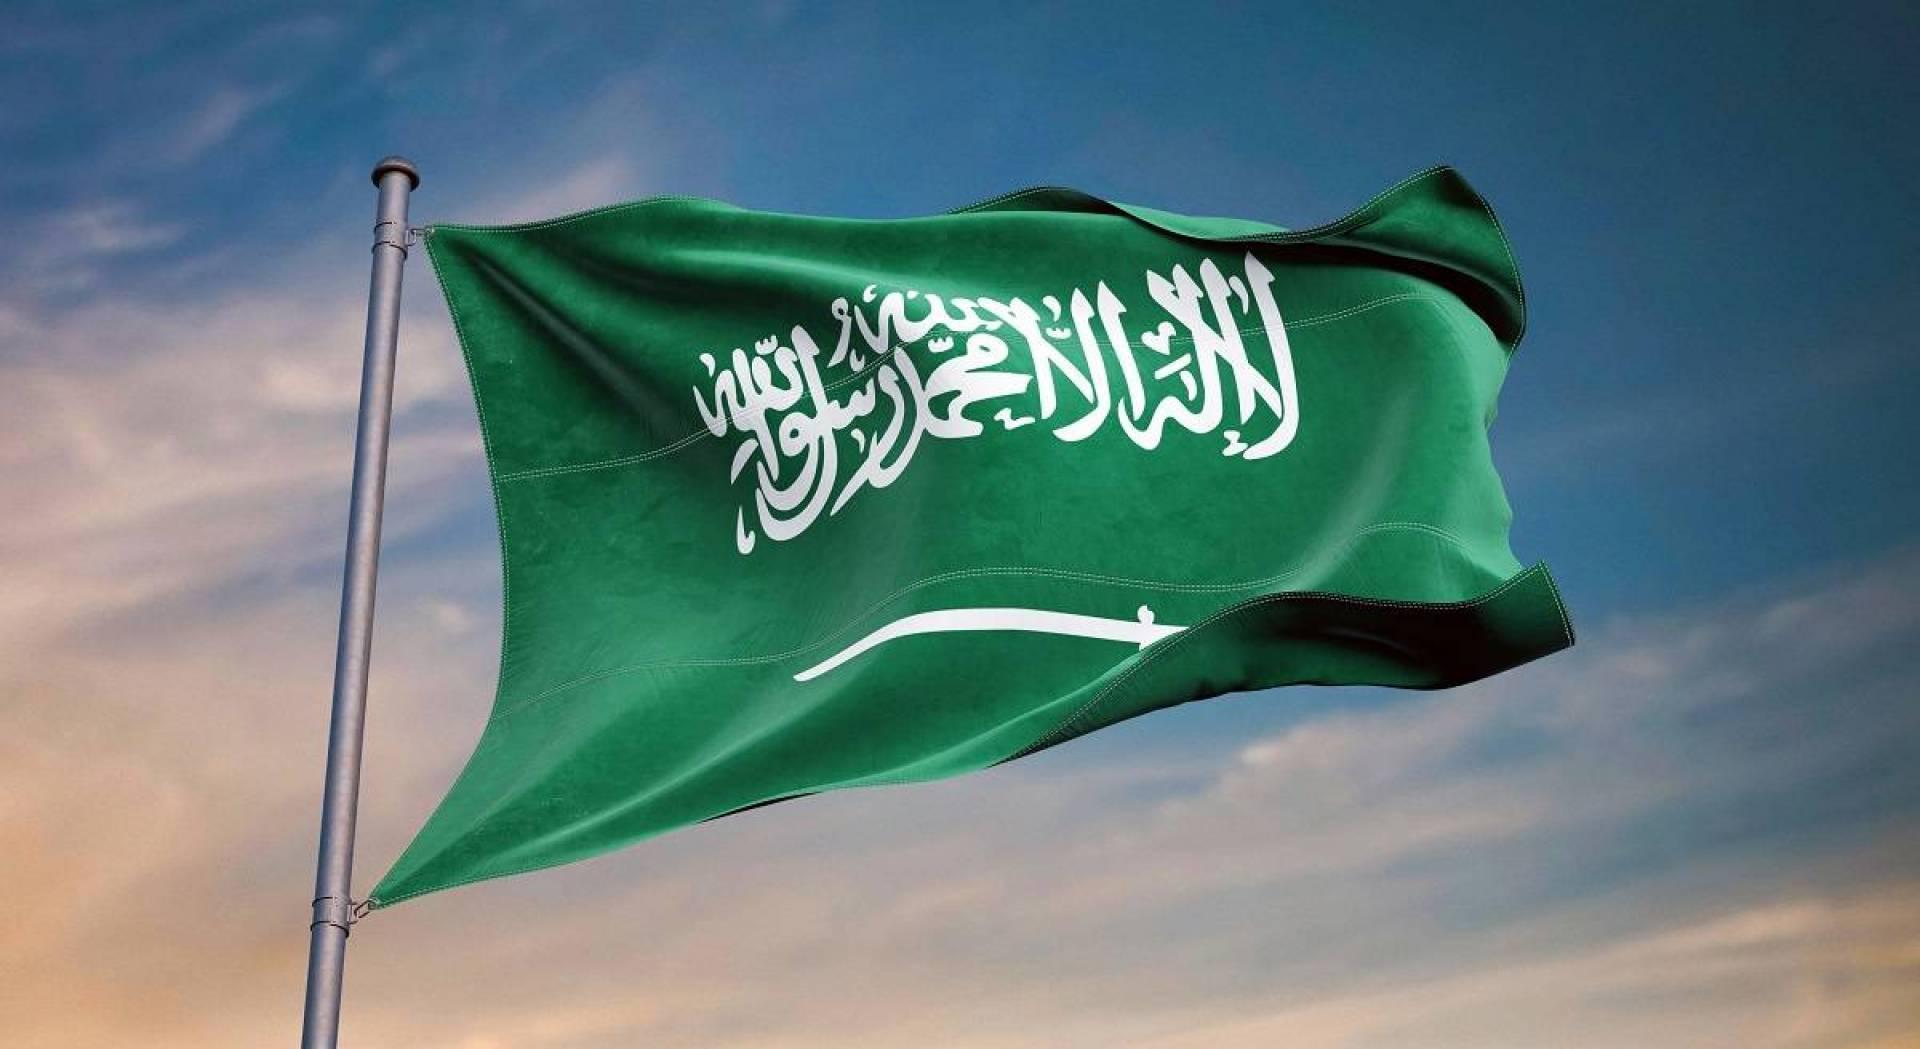 السعودية تسمح بإقامة صلاة الجمعة والجماعة لكل الفروض في مساجد المملكة ما عدا مساجد مكة